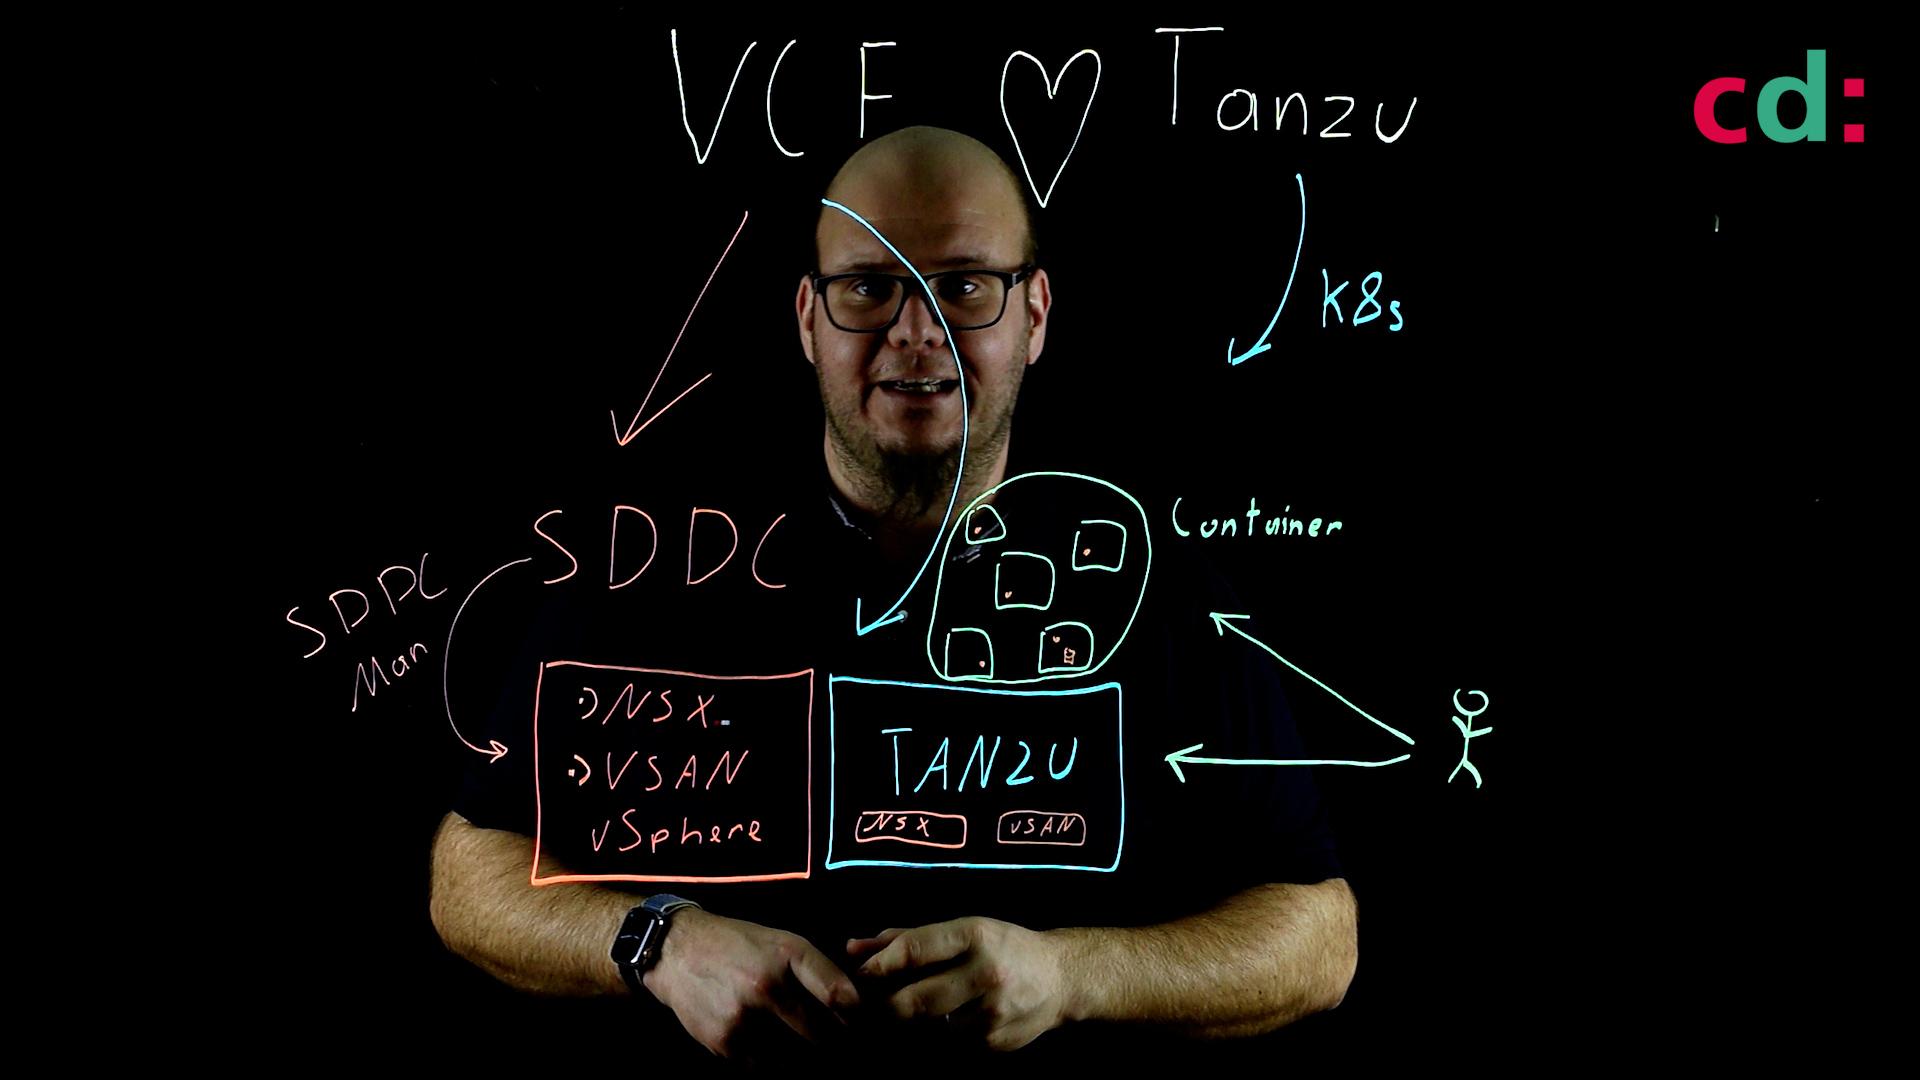 VCF und Tanzu Kooperation